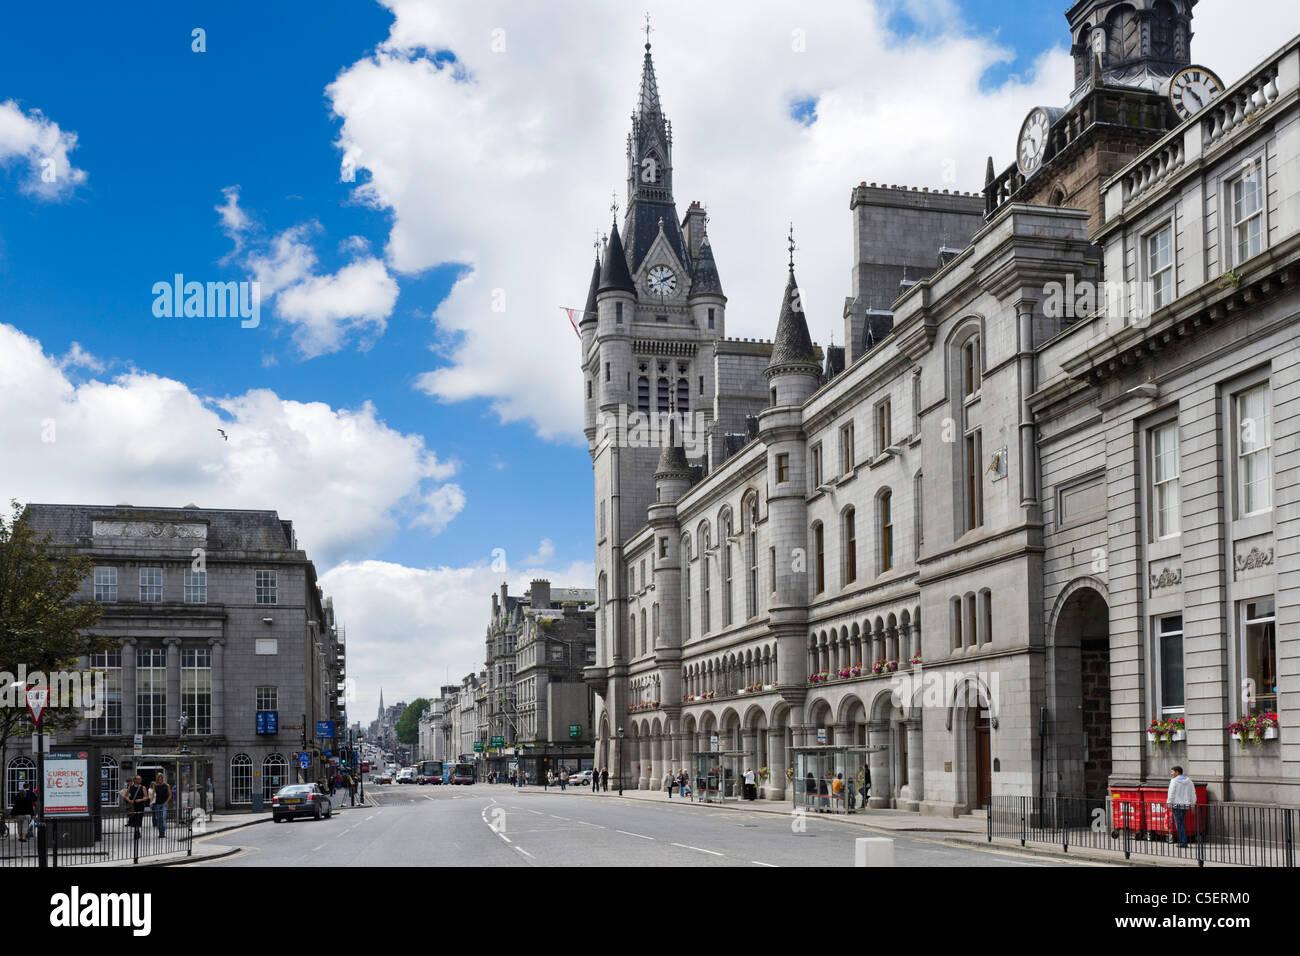 Union Street en el centro de la ciudad, Aberdeen, Escocia, Reino Unido Imagen De Stock